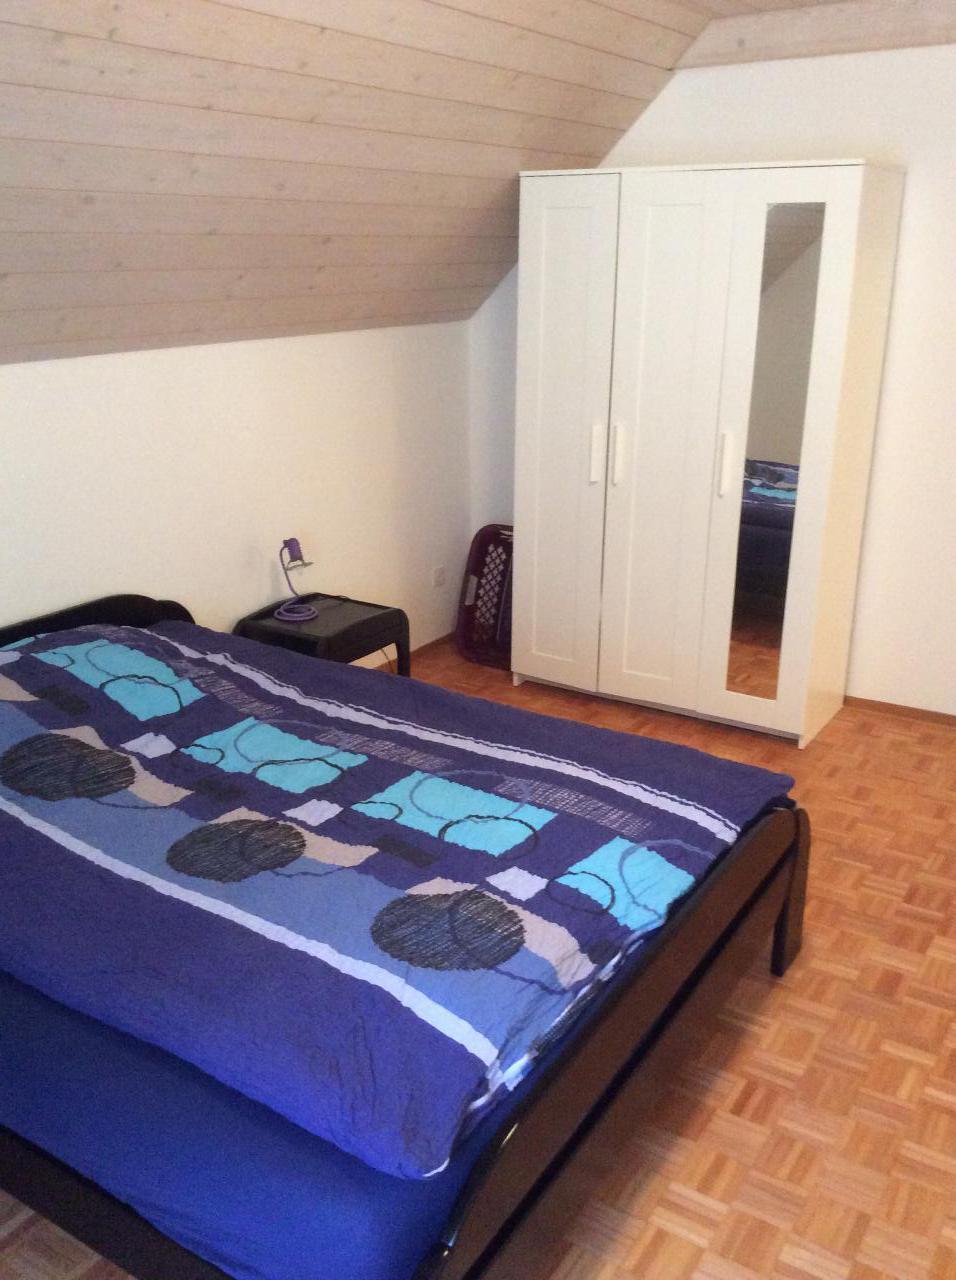 Appartement Treschhaus